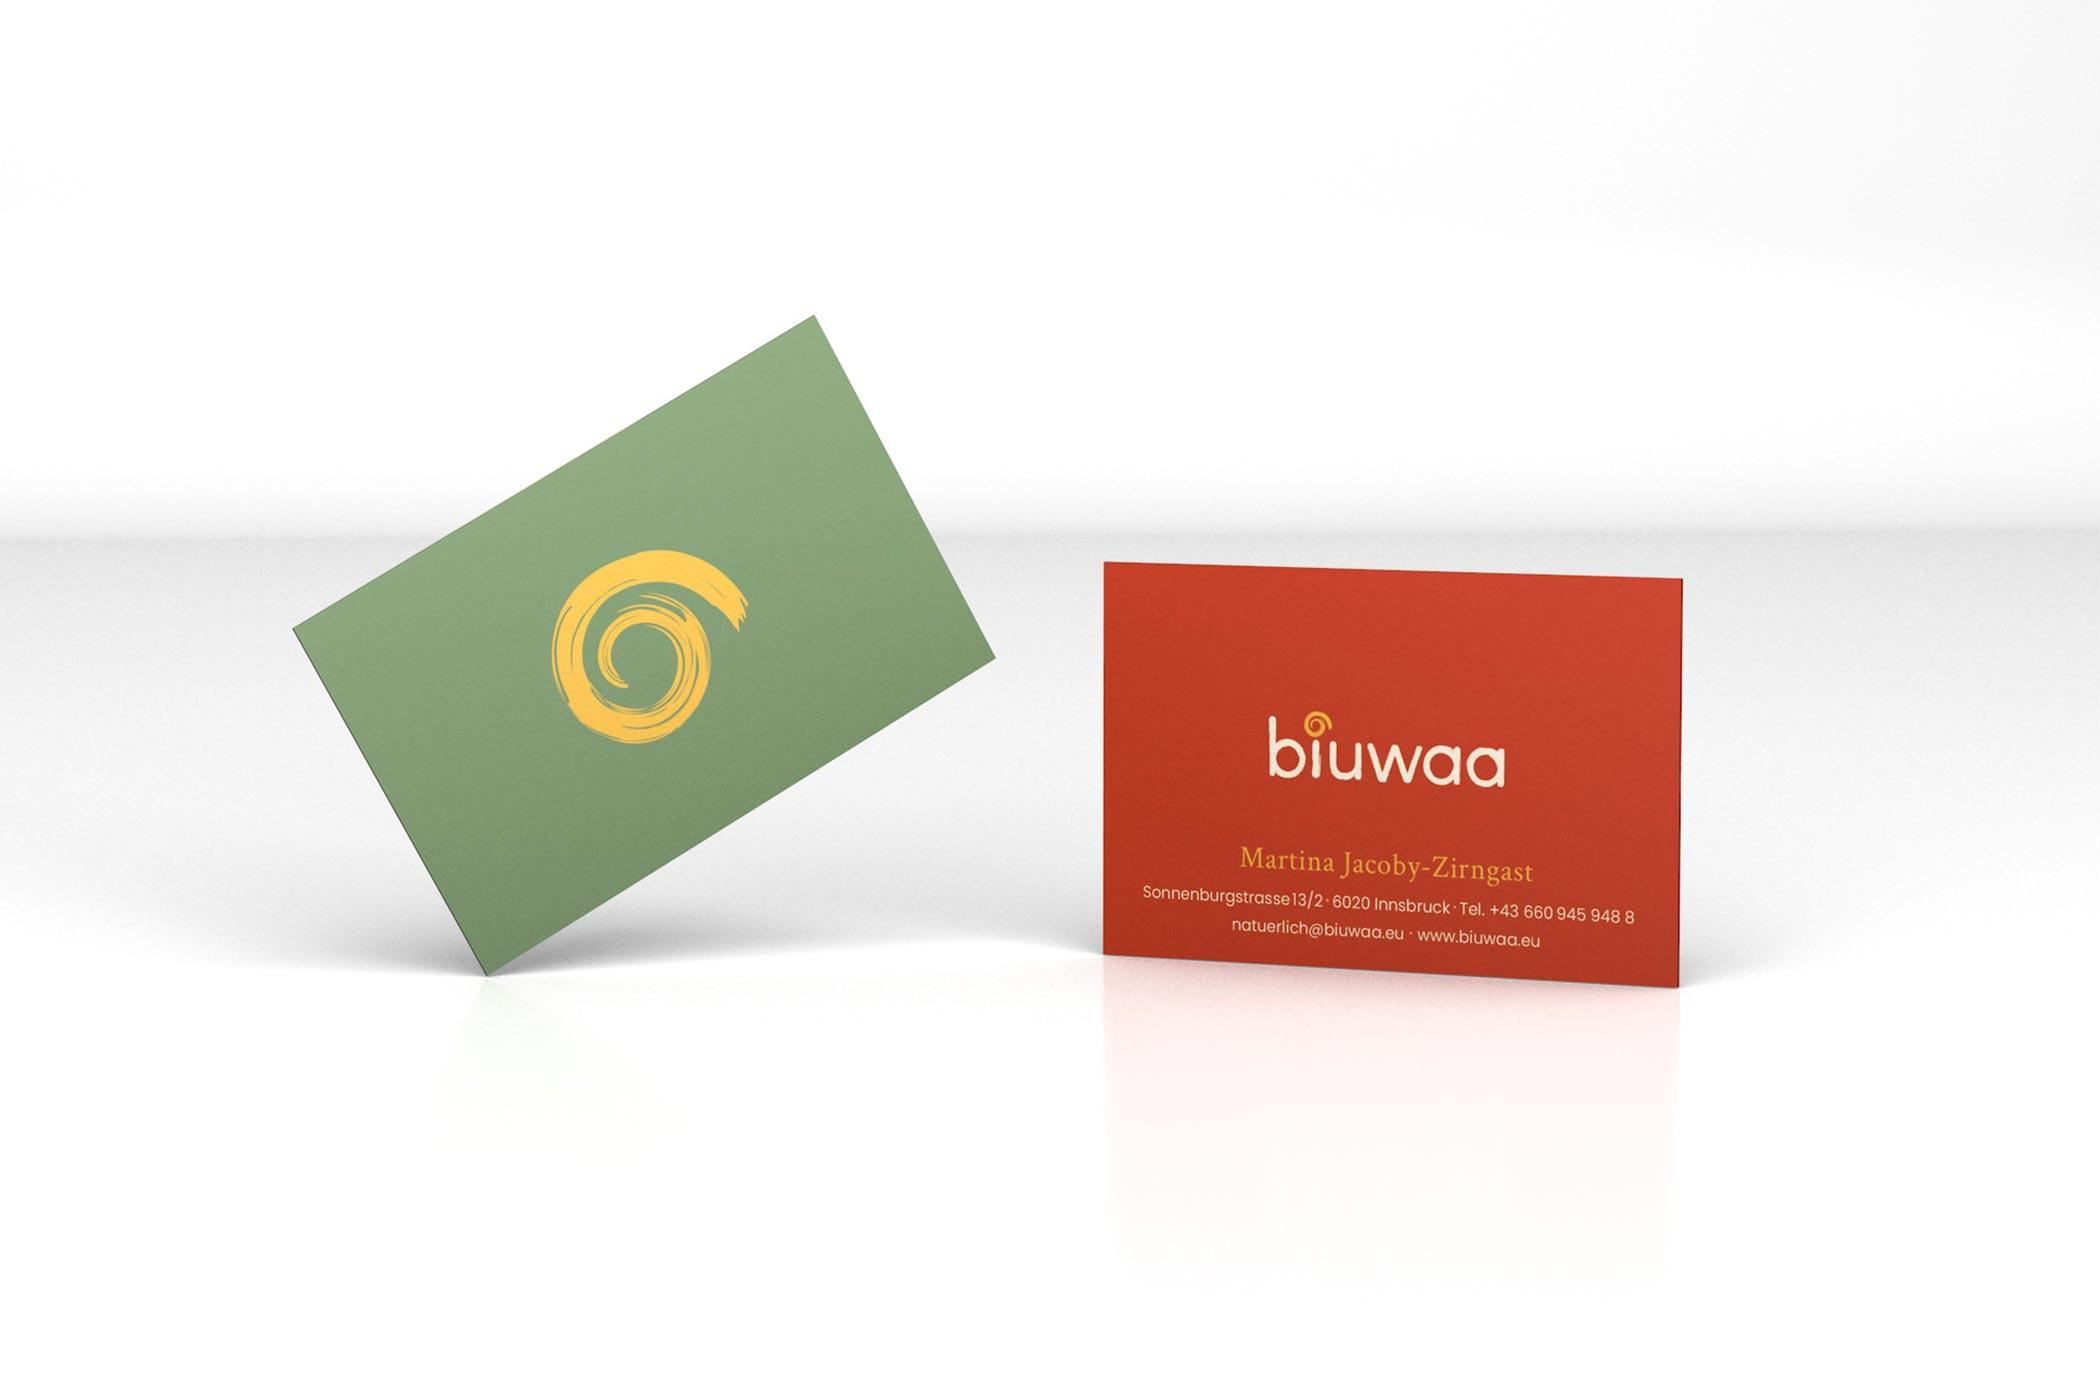 Biuwaa Visitenkarten